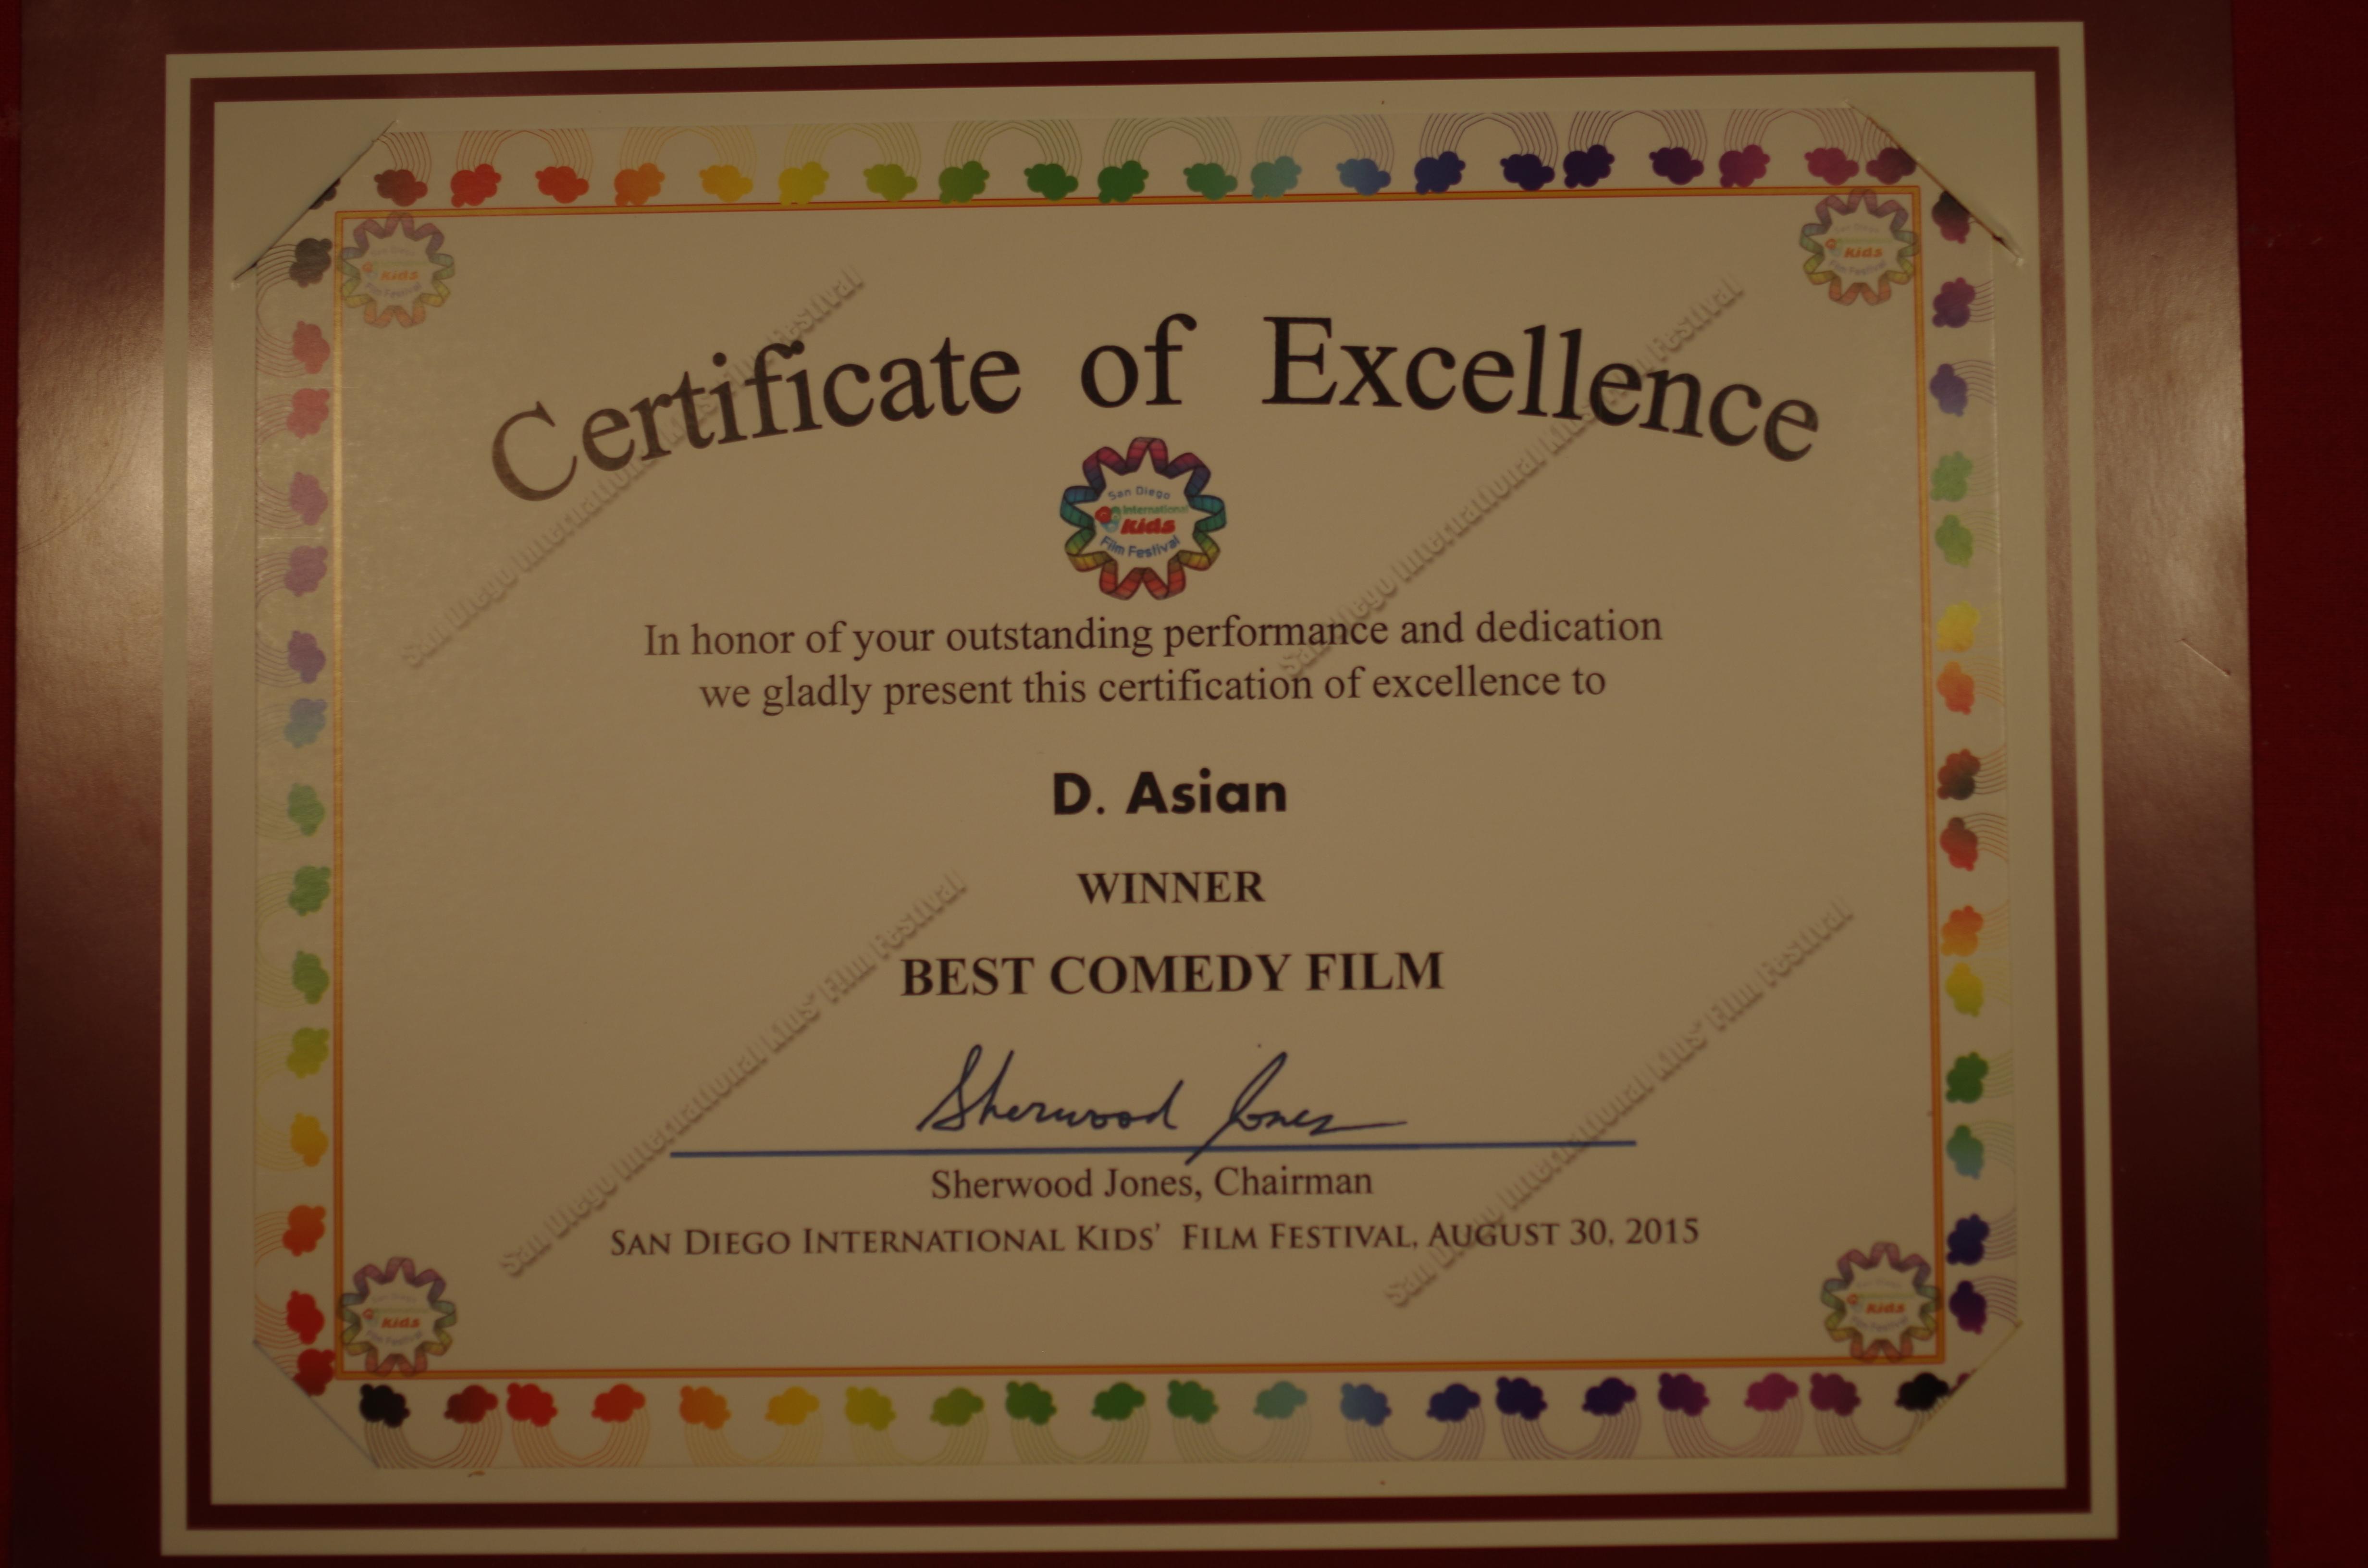 San Diego Int'l Kid's Film Festival